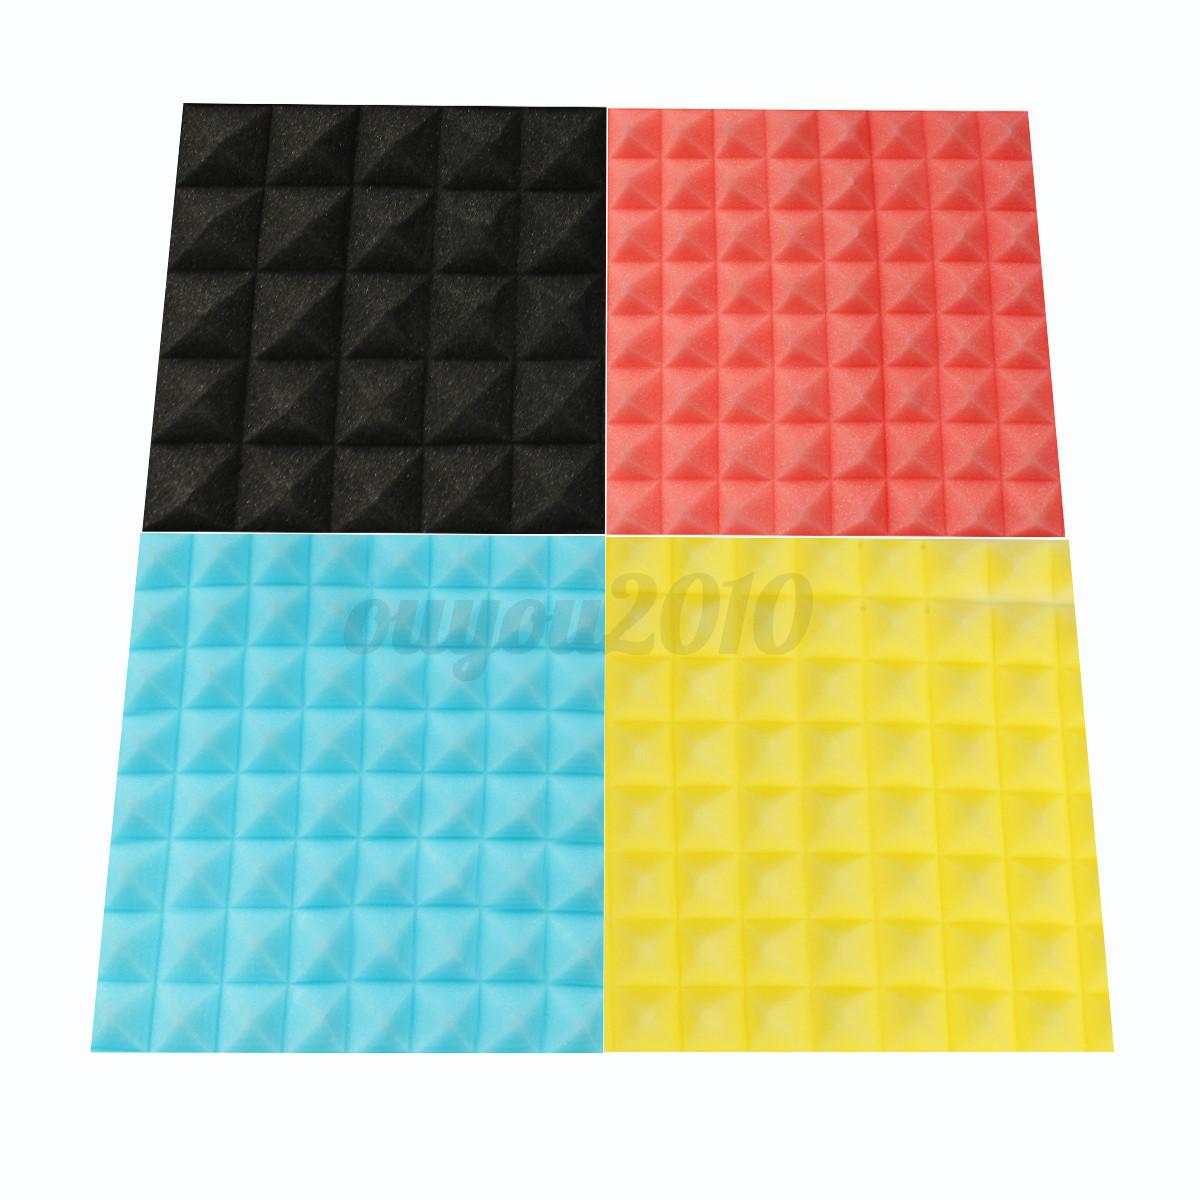 noppenschaumstoff schaumstoff pyramiden schallschutz. Black Bedroom Furniture Sets. Home Design Ideas